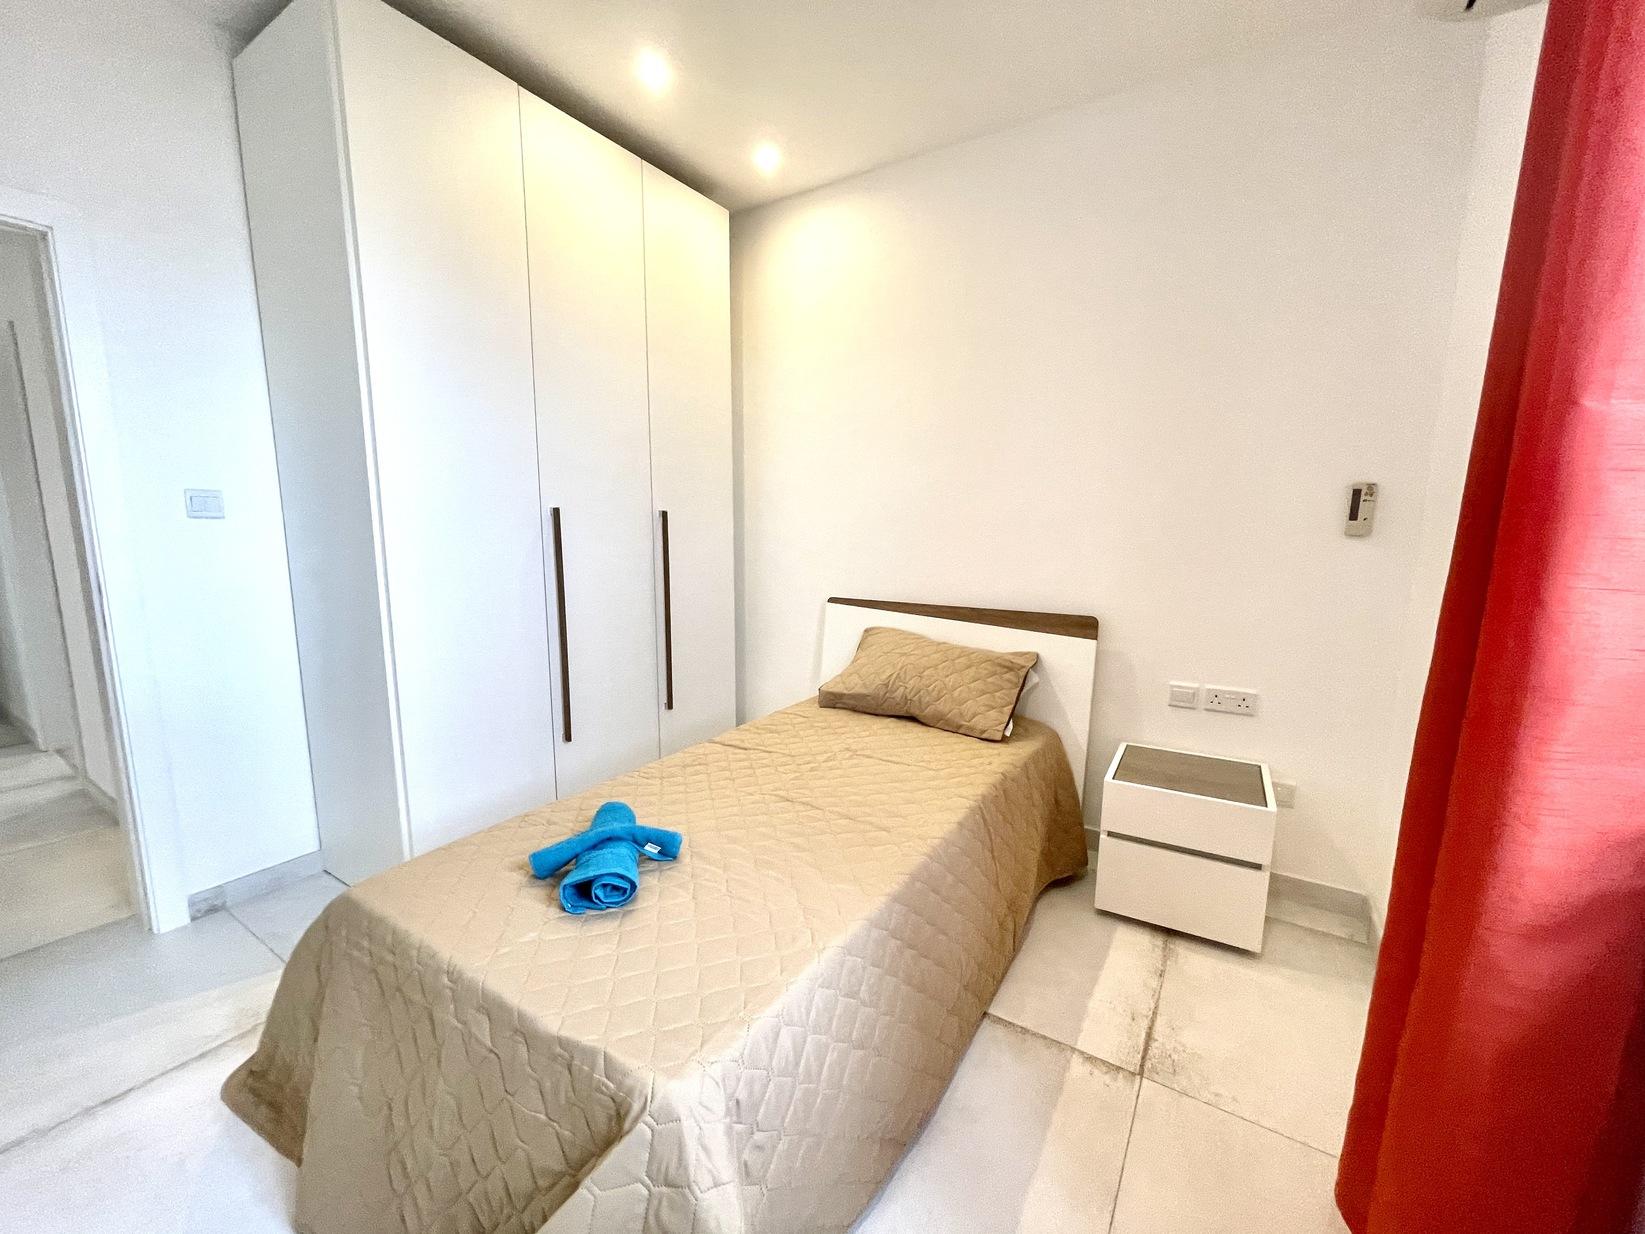 3 bed Apartment For Rent in Kalkara, Kalkara - thumb 15